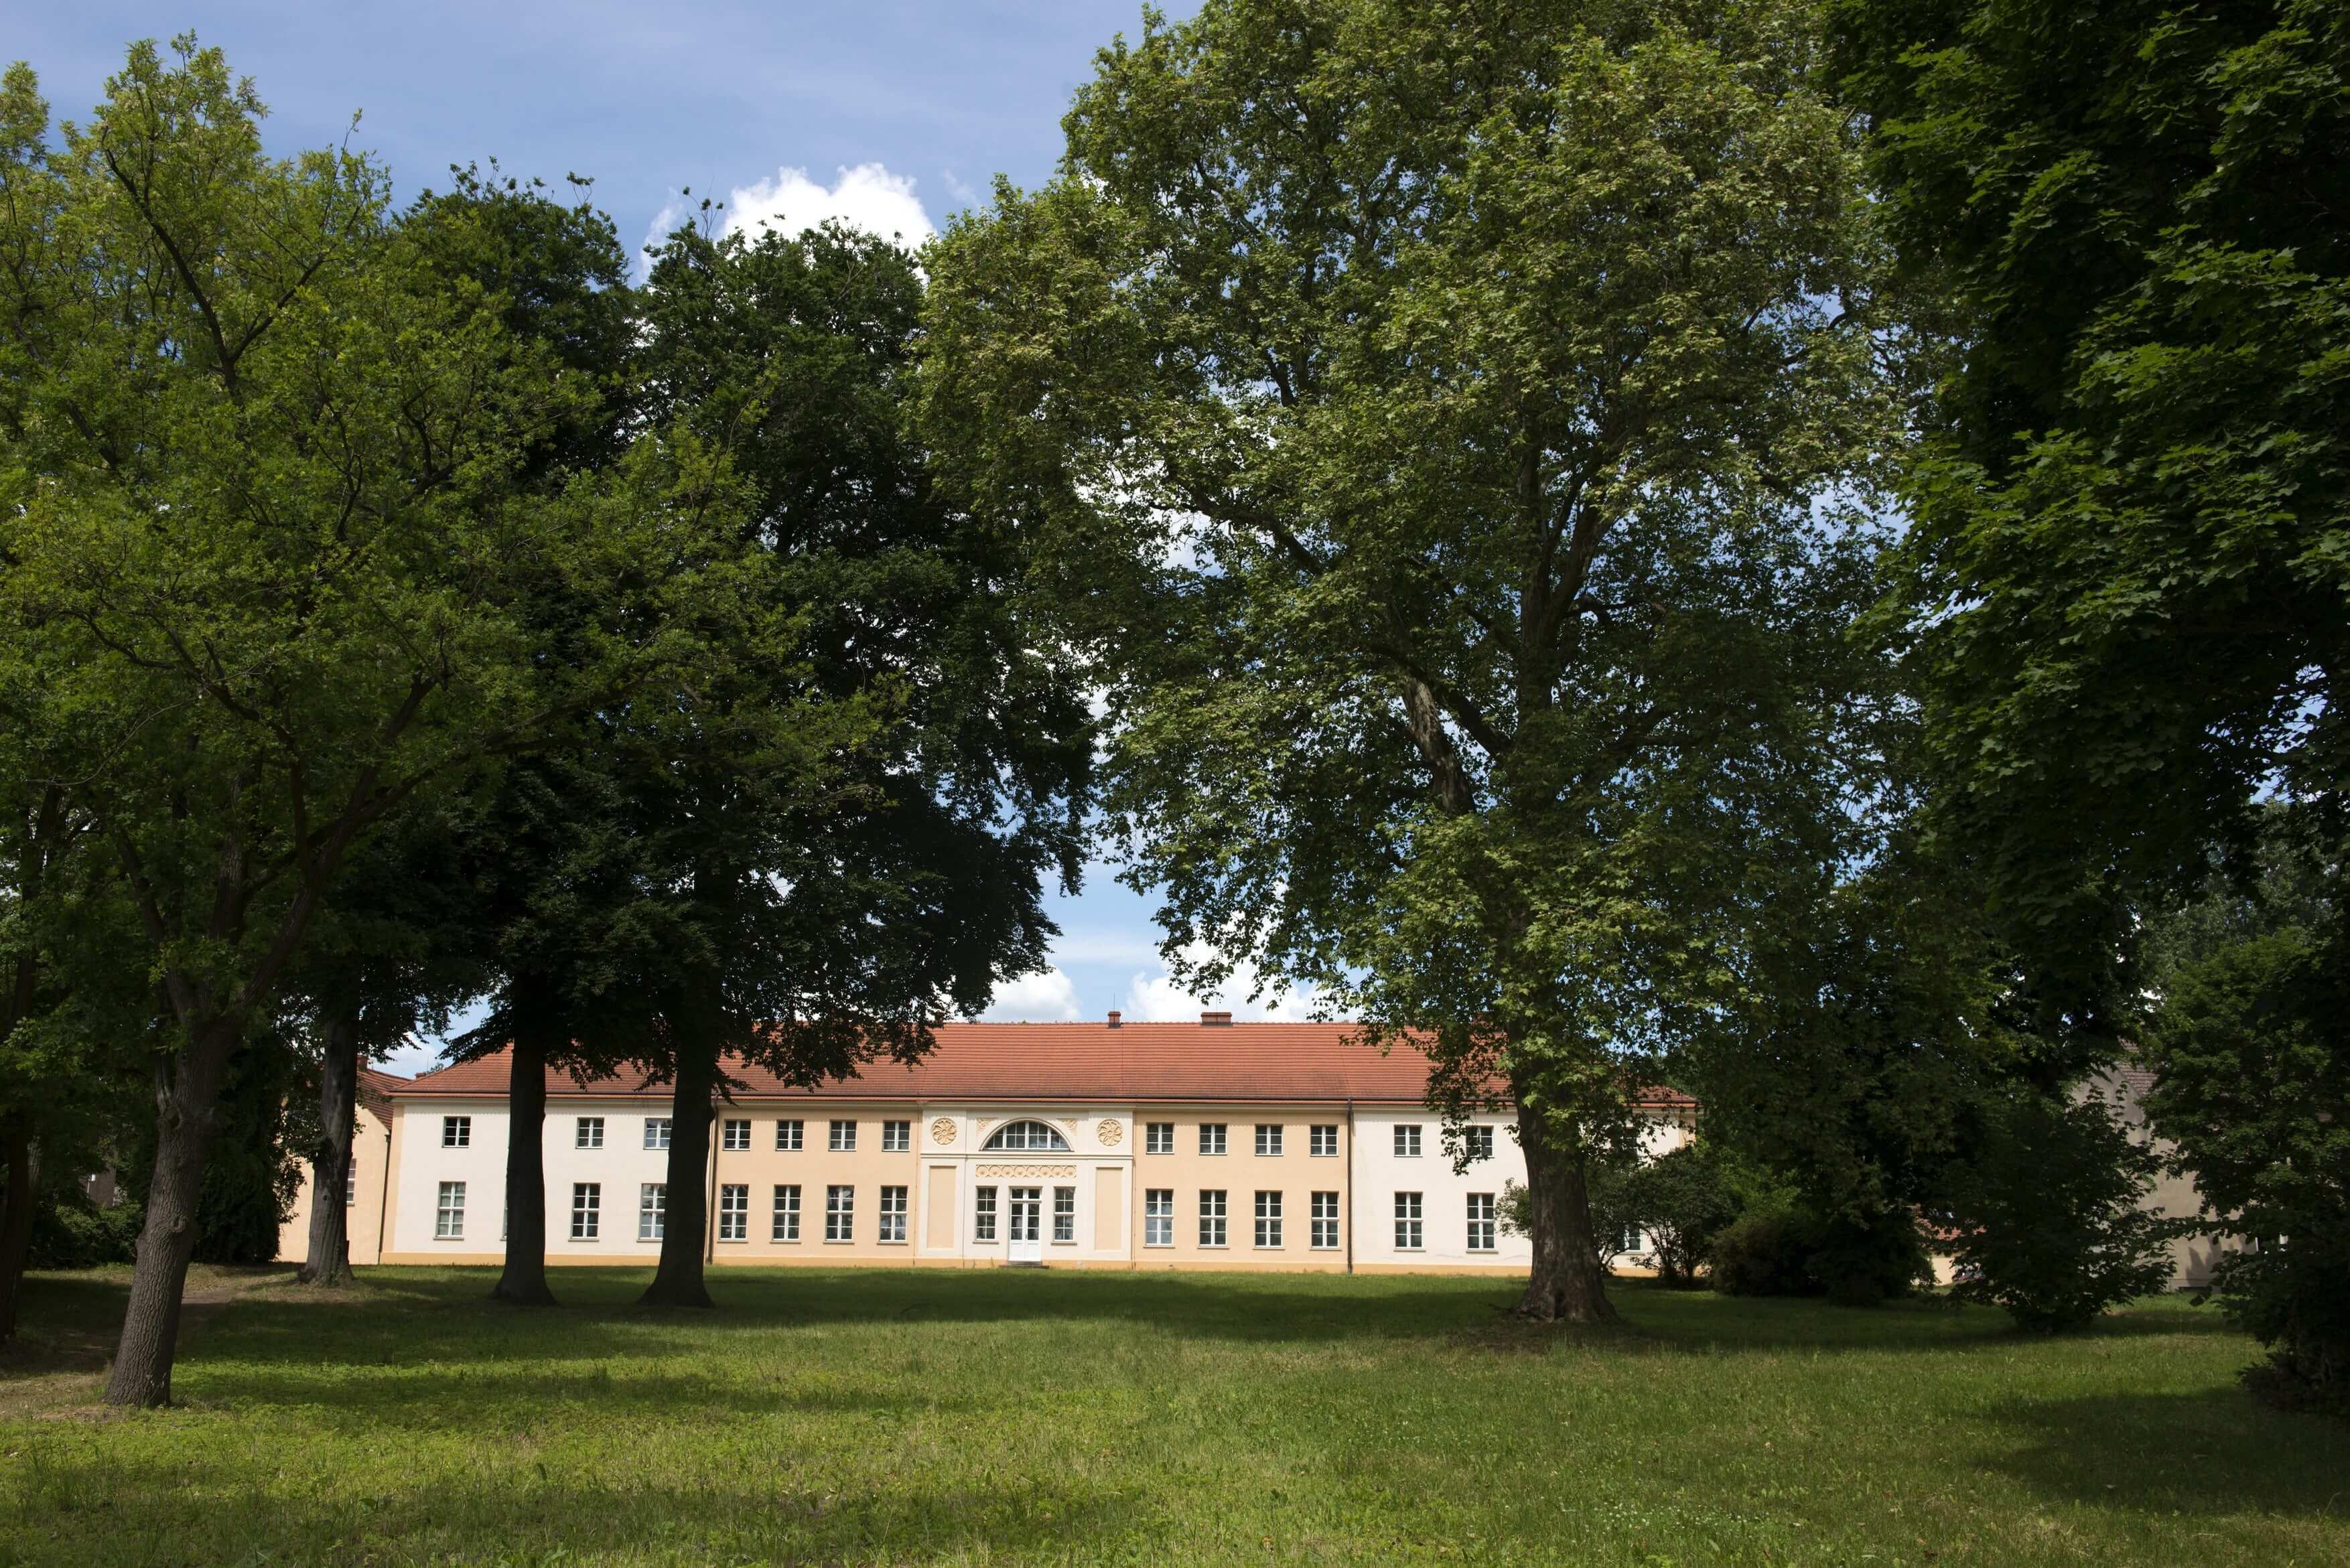 Schloss Paretz - Parkring 1